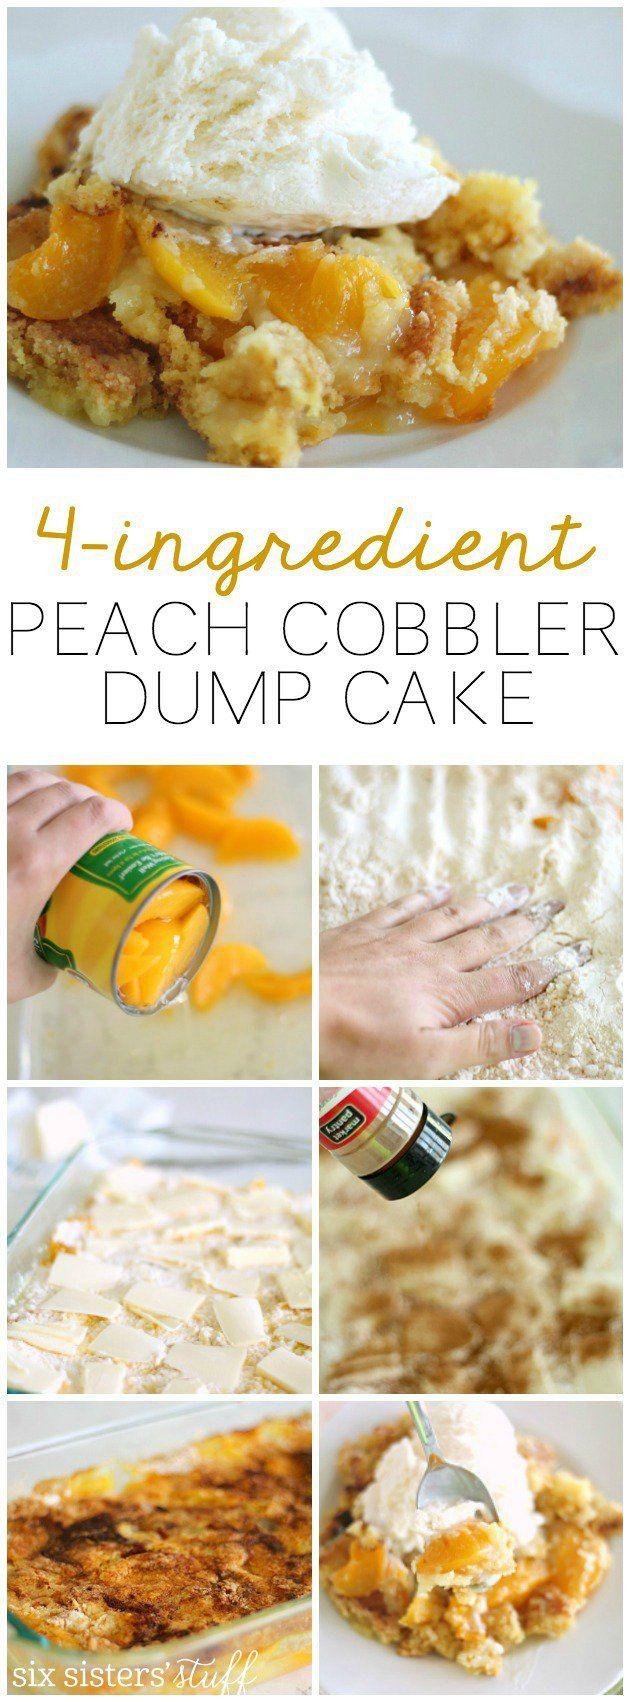 Peach Cobbler Dump Cake | Recipe | Peach cobblers, Cobbler and Peach